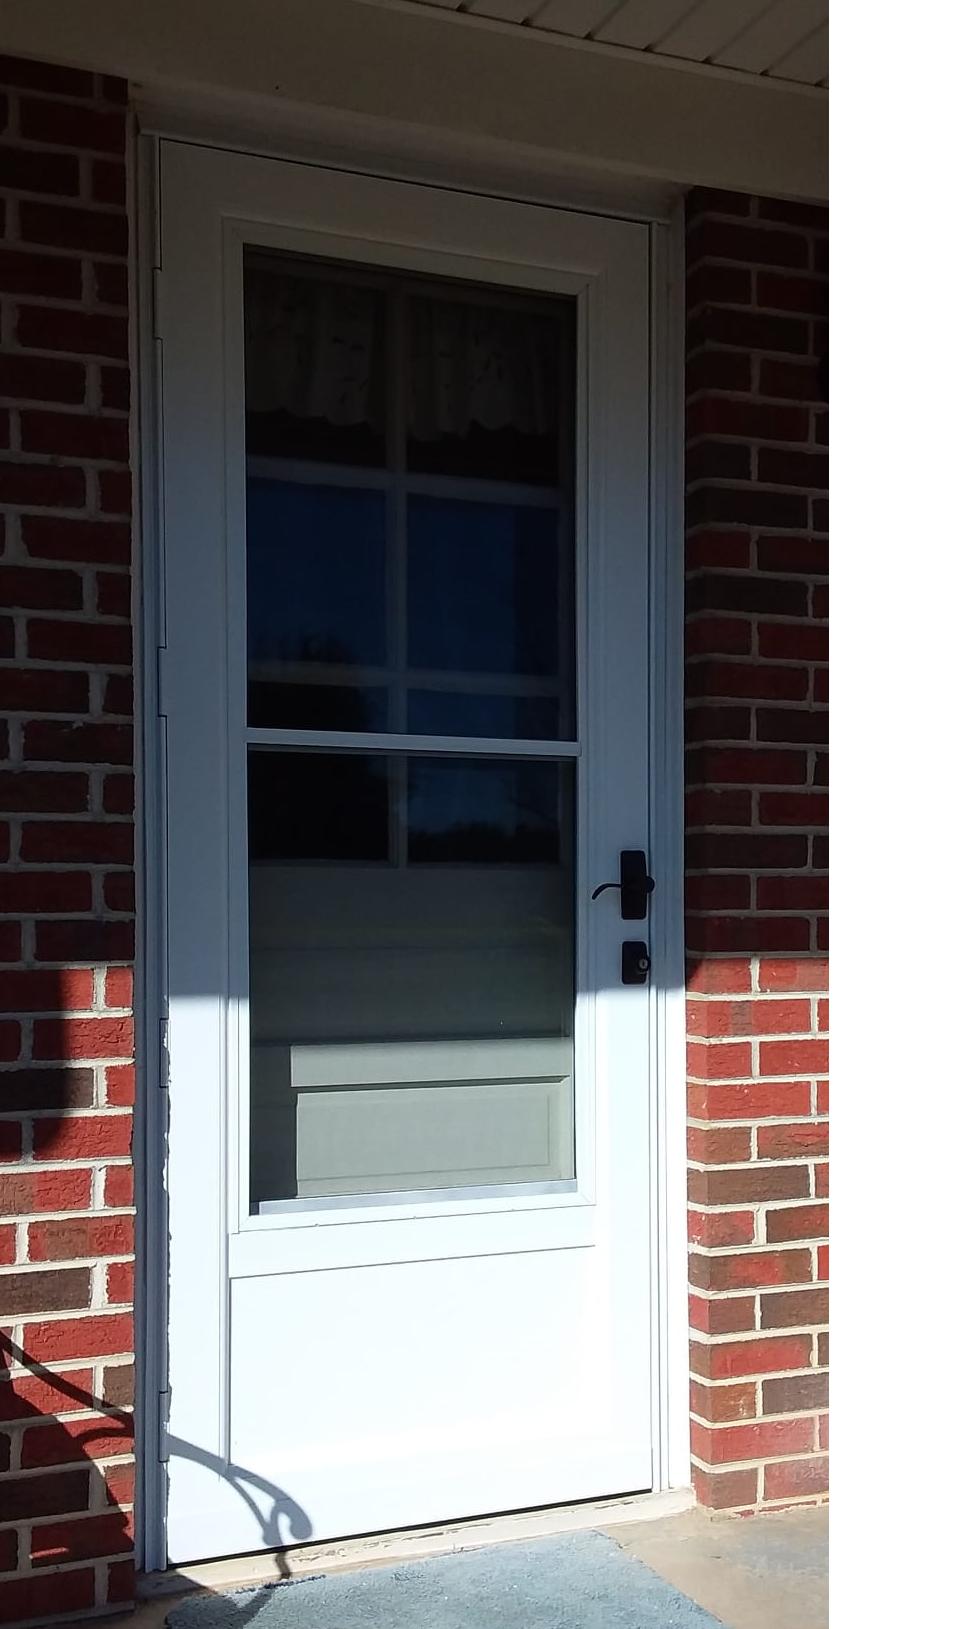 32x80 Provia Model 399 Rear Entry Storm Door With Self Storing Screen Glass Installed By The Richmond Store Teamappledoor Storm Door Doors Security Door